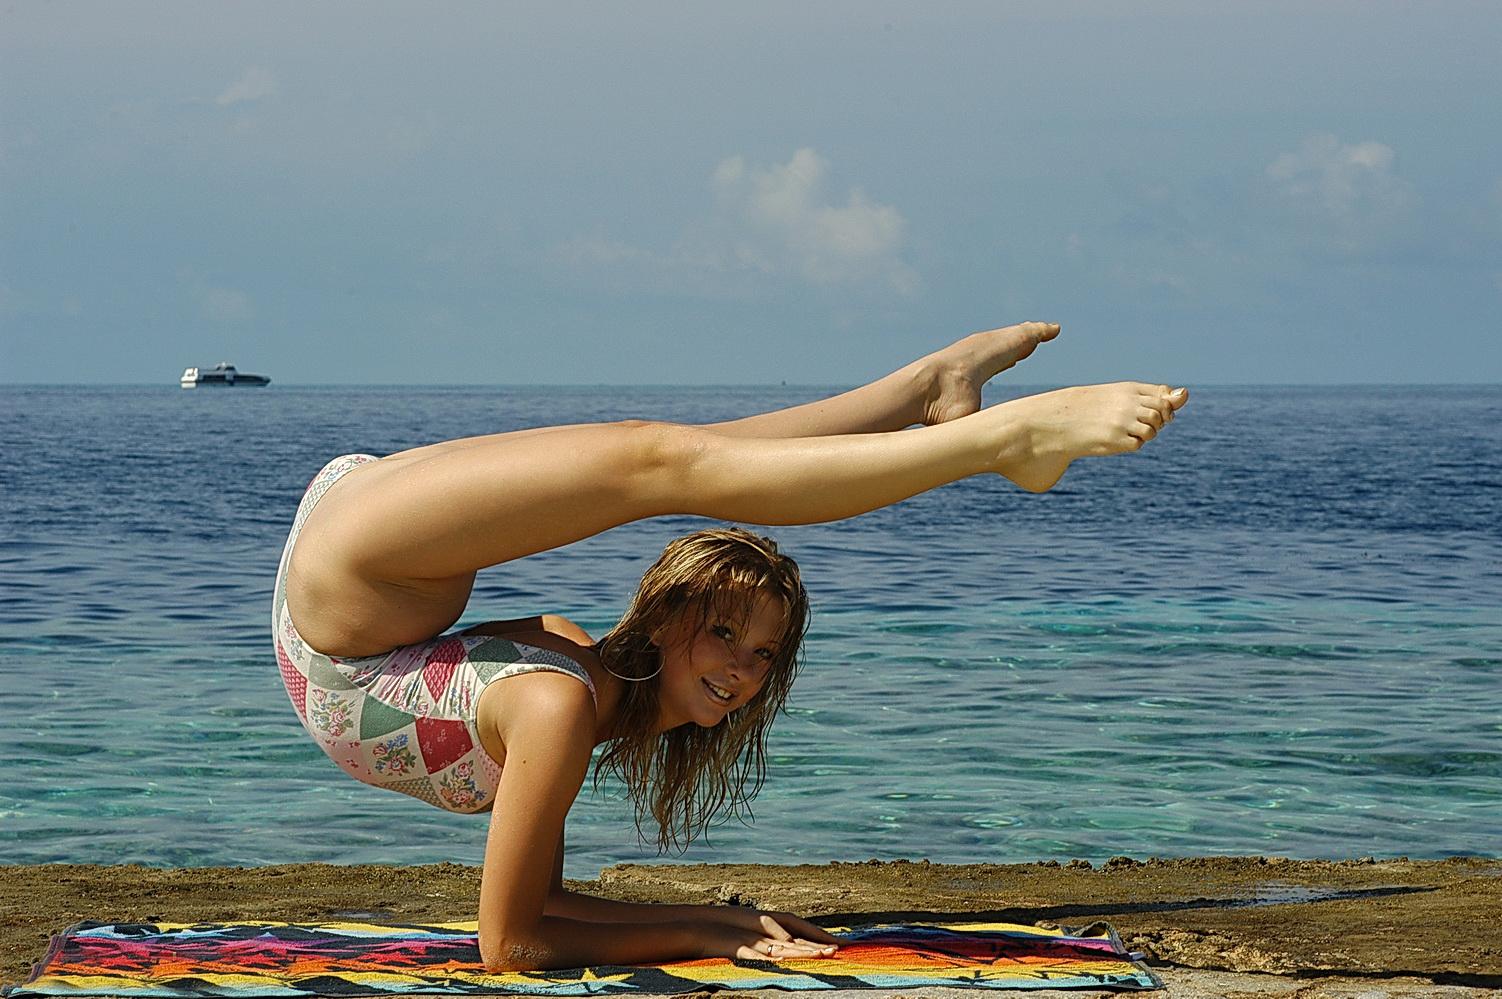 Смотреть раздевалку на пляже, Сборник скрытой камеры в женской раздевалке на пляже 6 фотография